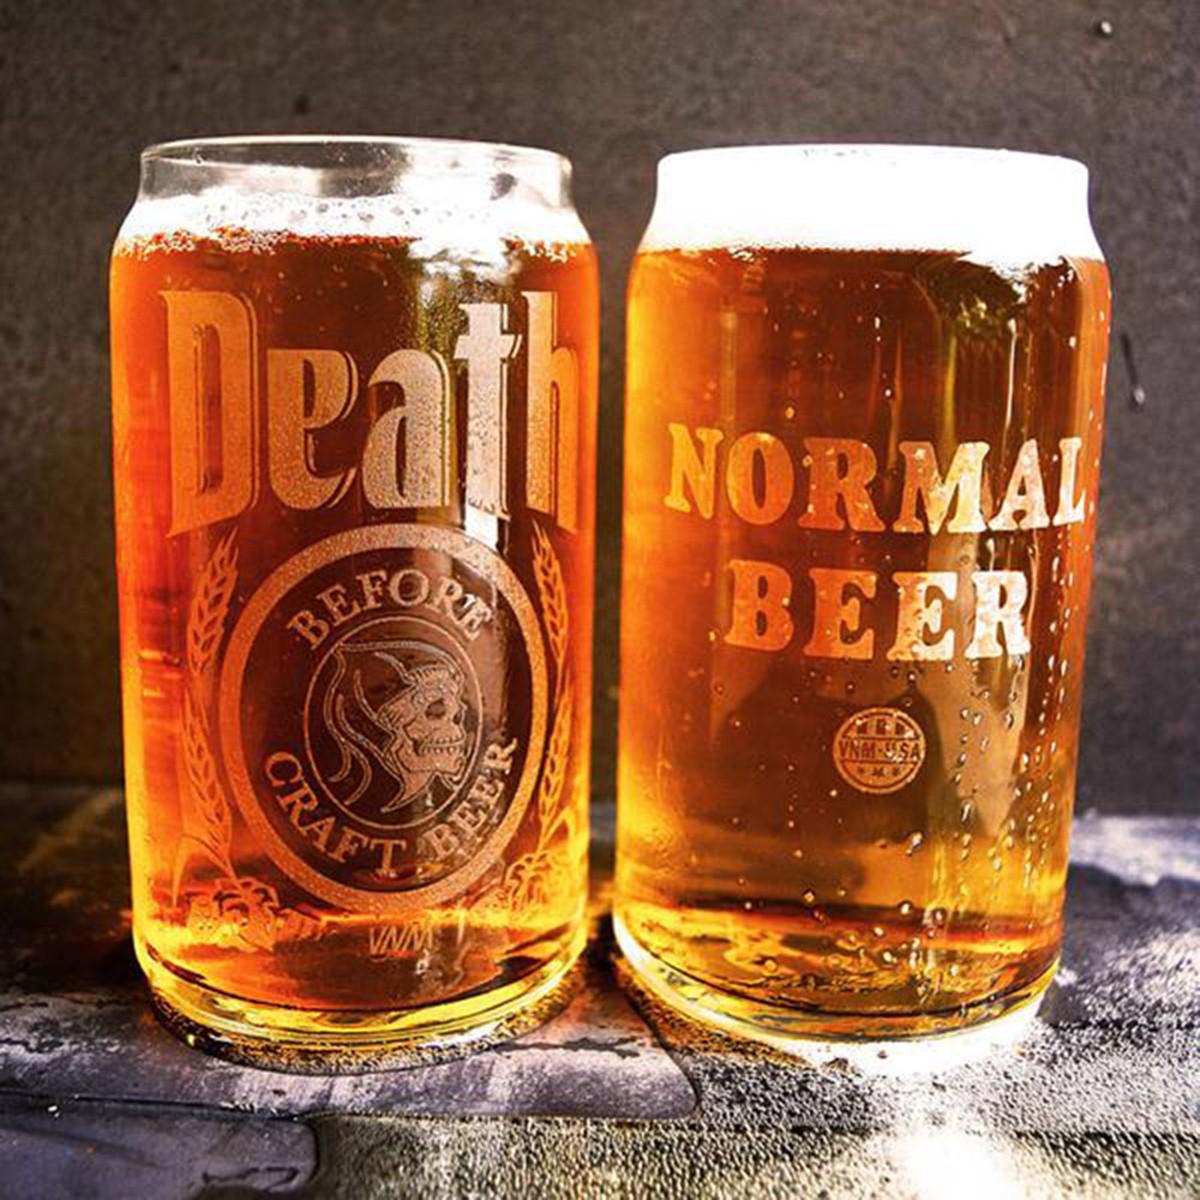 normalbeer_glasswarepack_1_grande.jpg